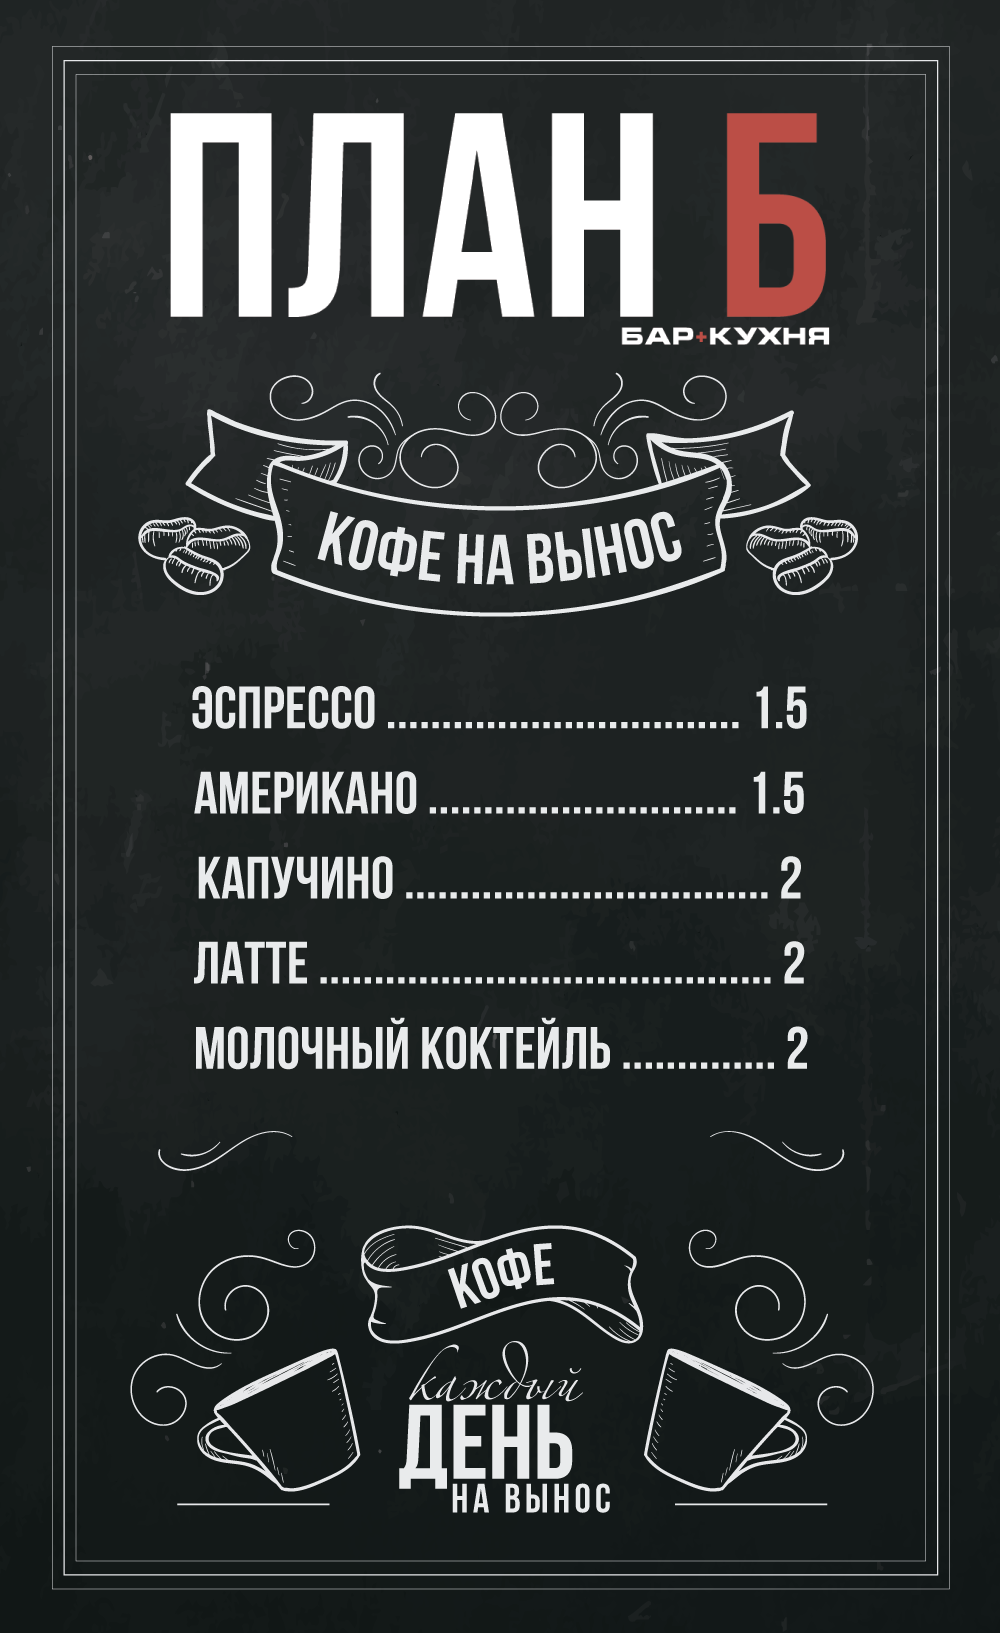 """Тарелка к пенному напитку, чикен-бургер, драники, паста """"Карбонара"""", тортилья от 4 руб. в """"Plan B"""""""